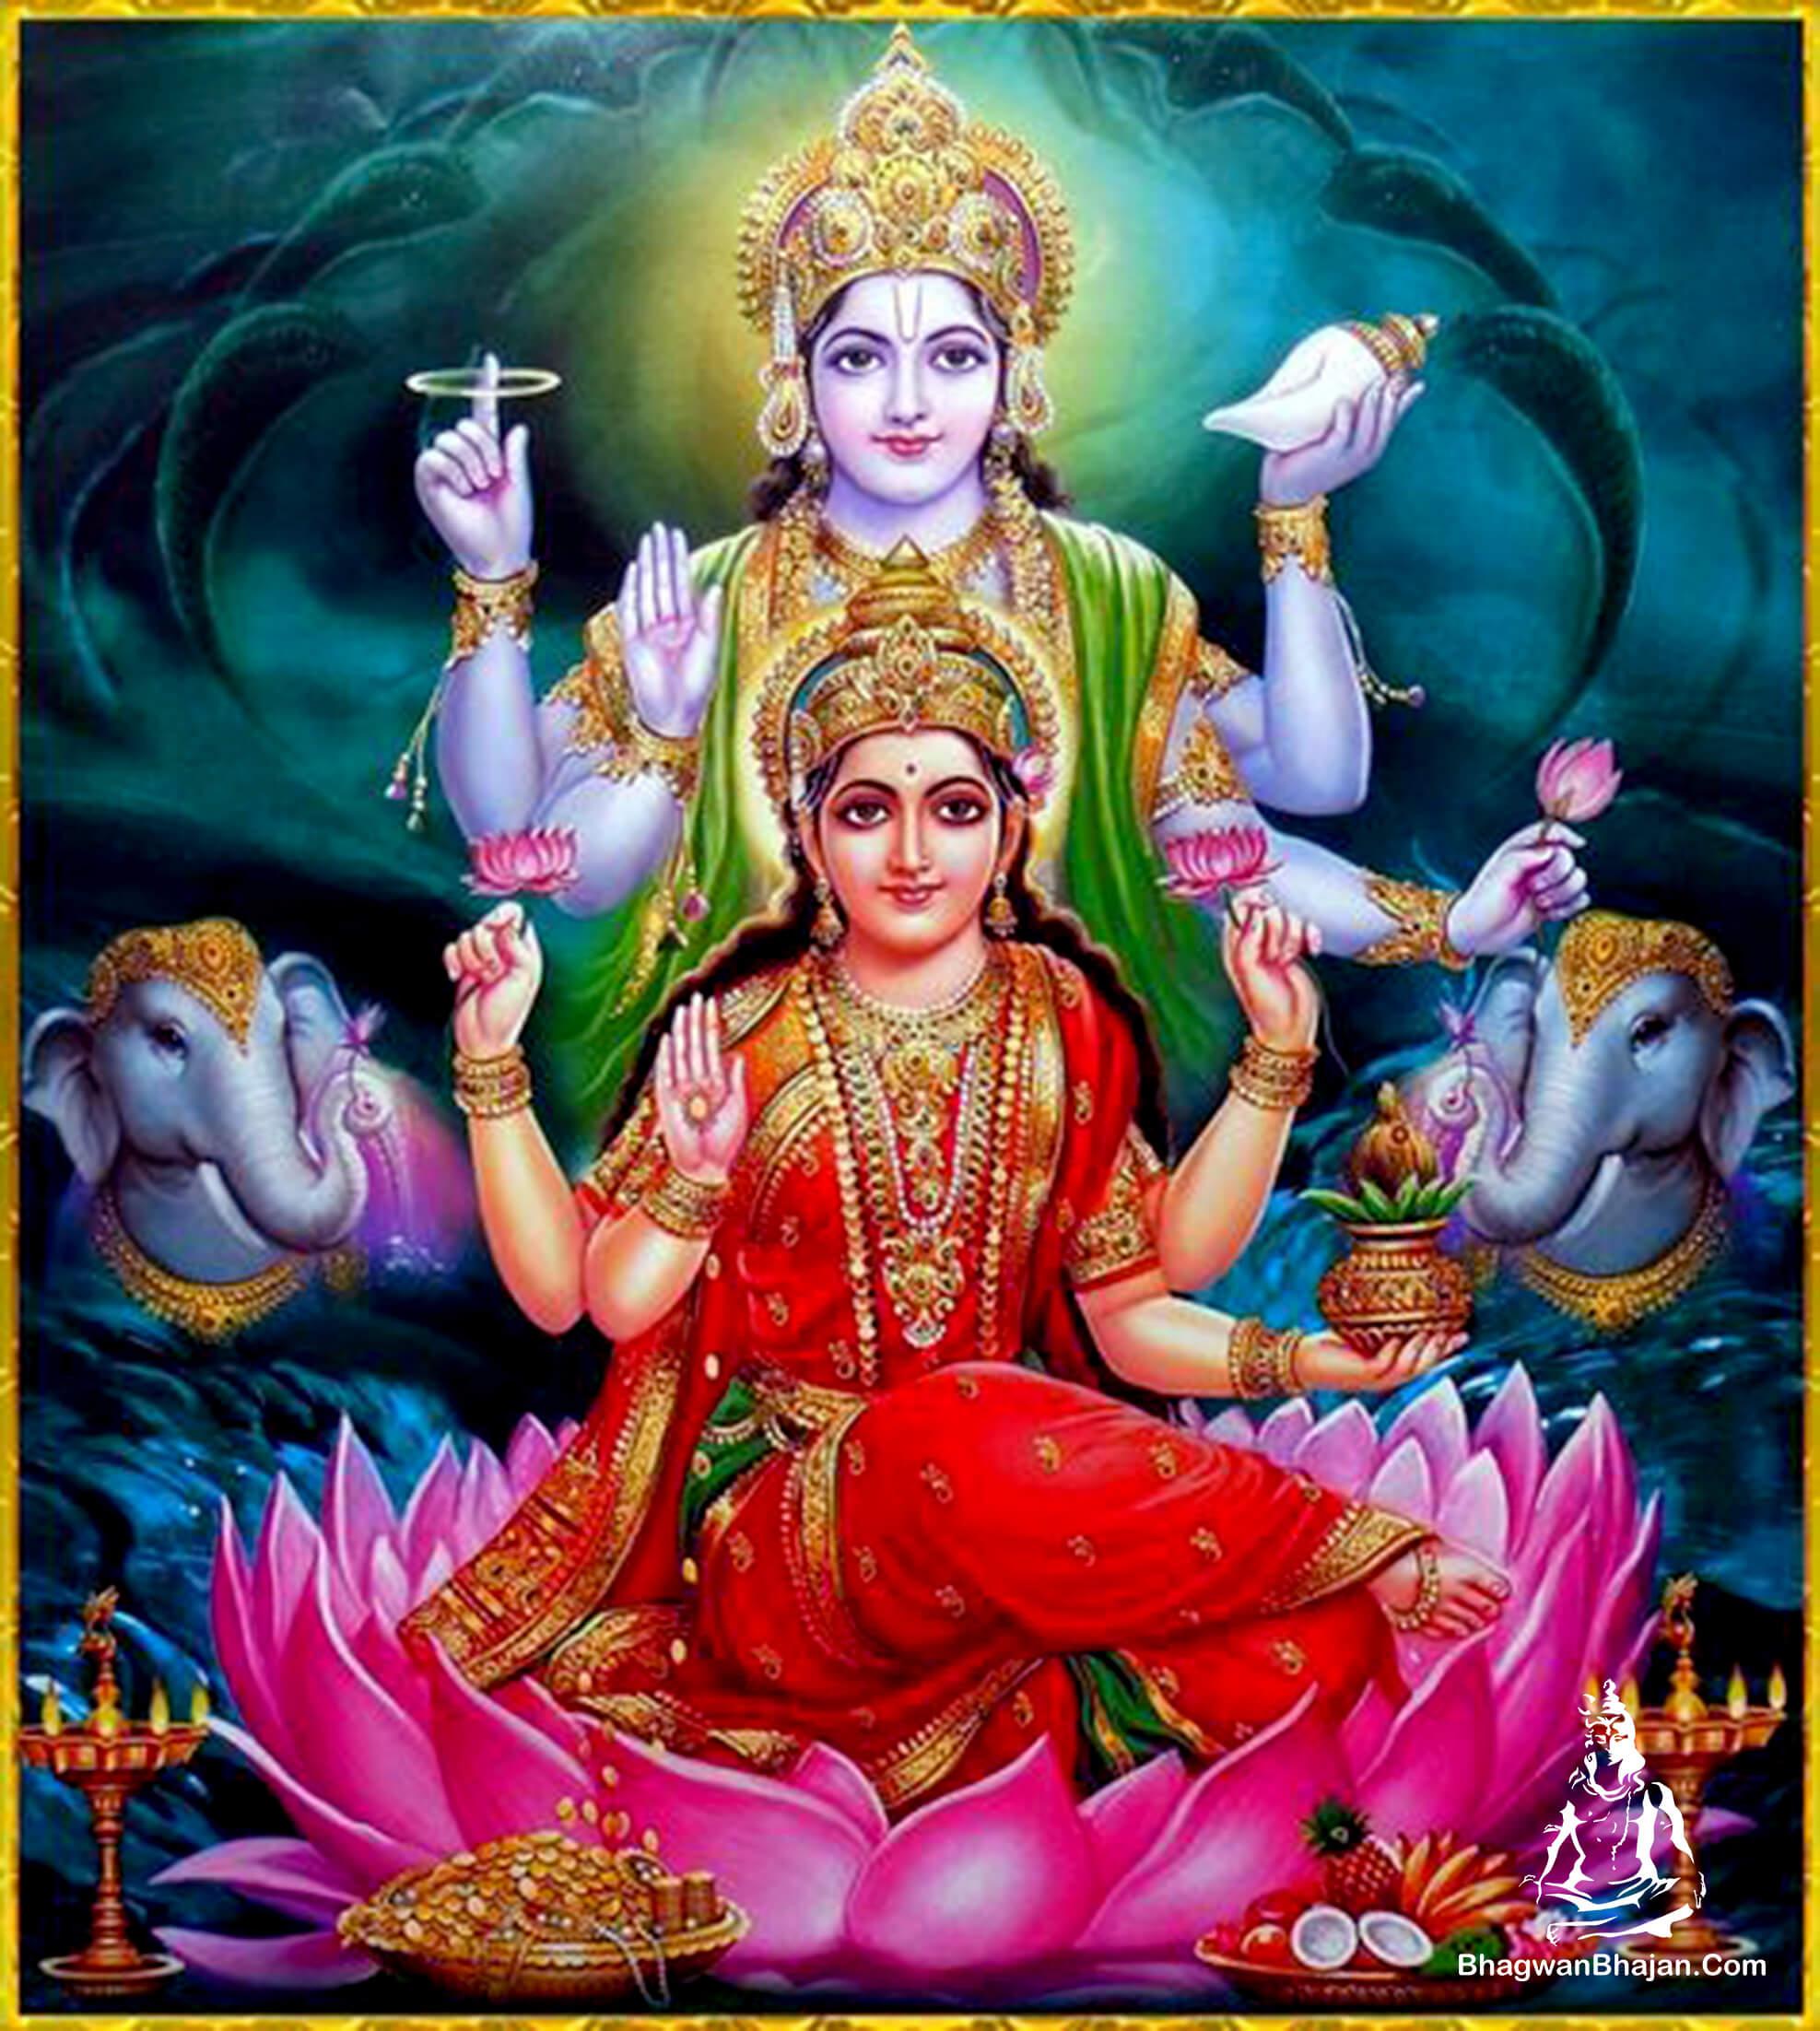 bhagwan vishnu and- lakshmi ji hd wallpaper